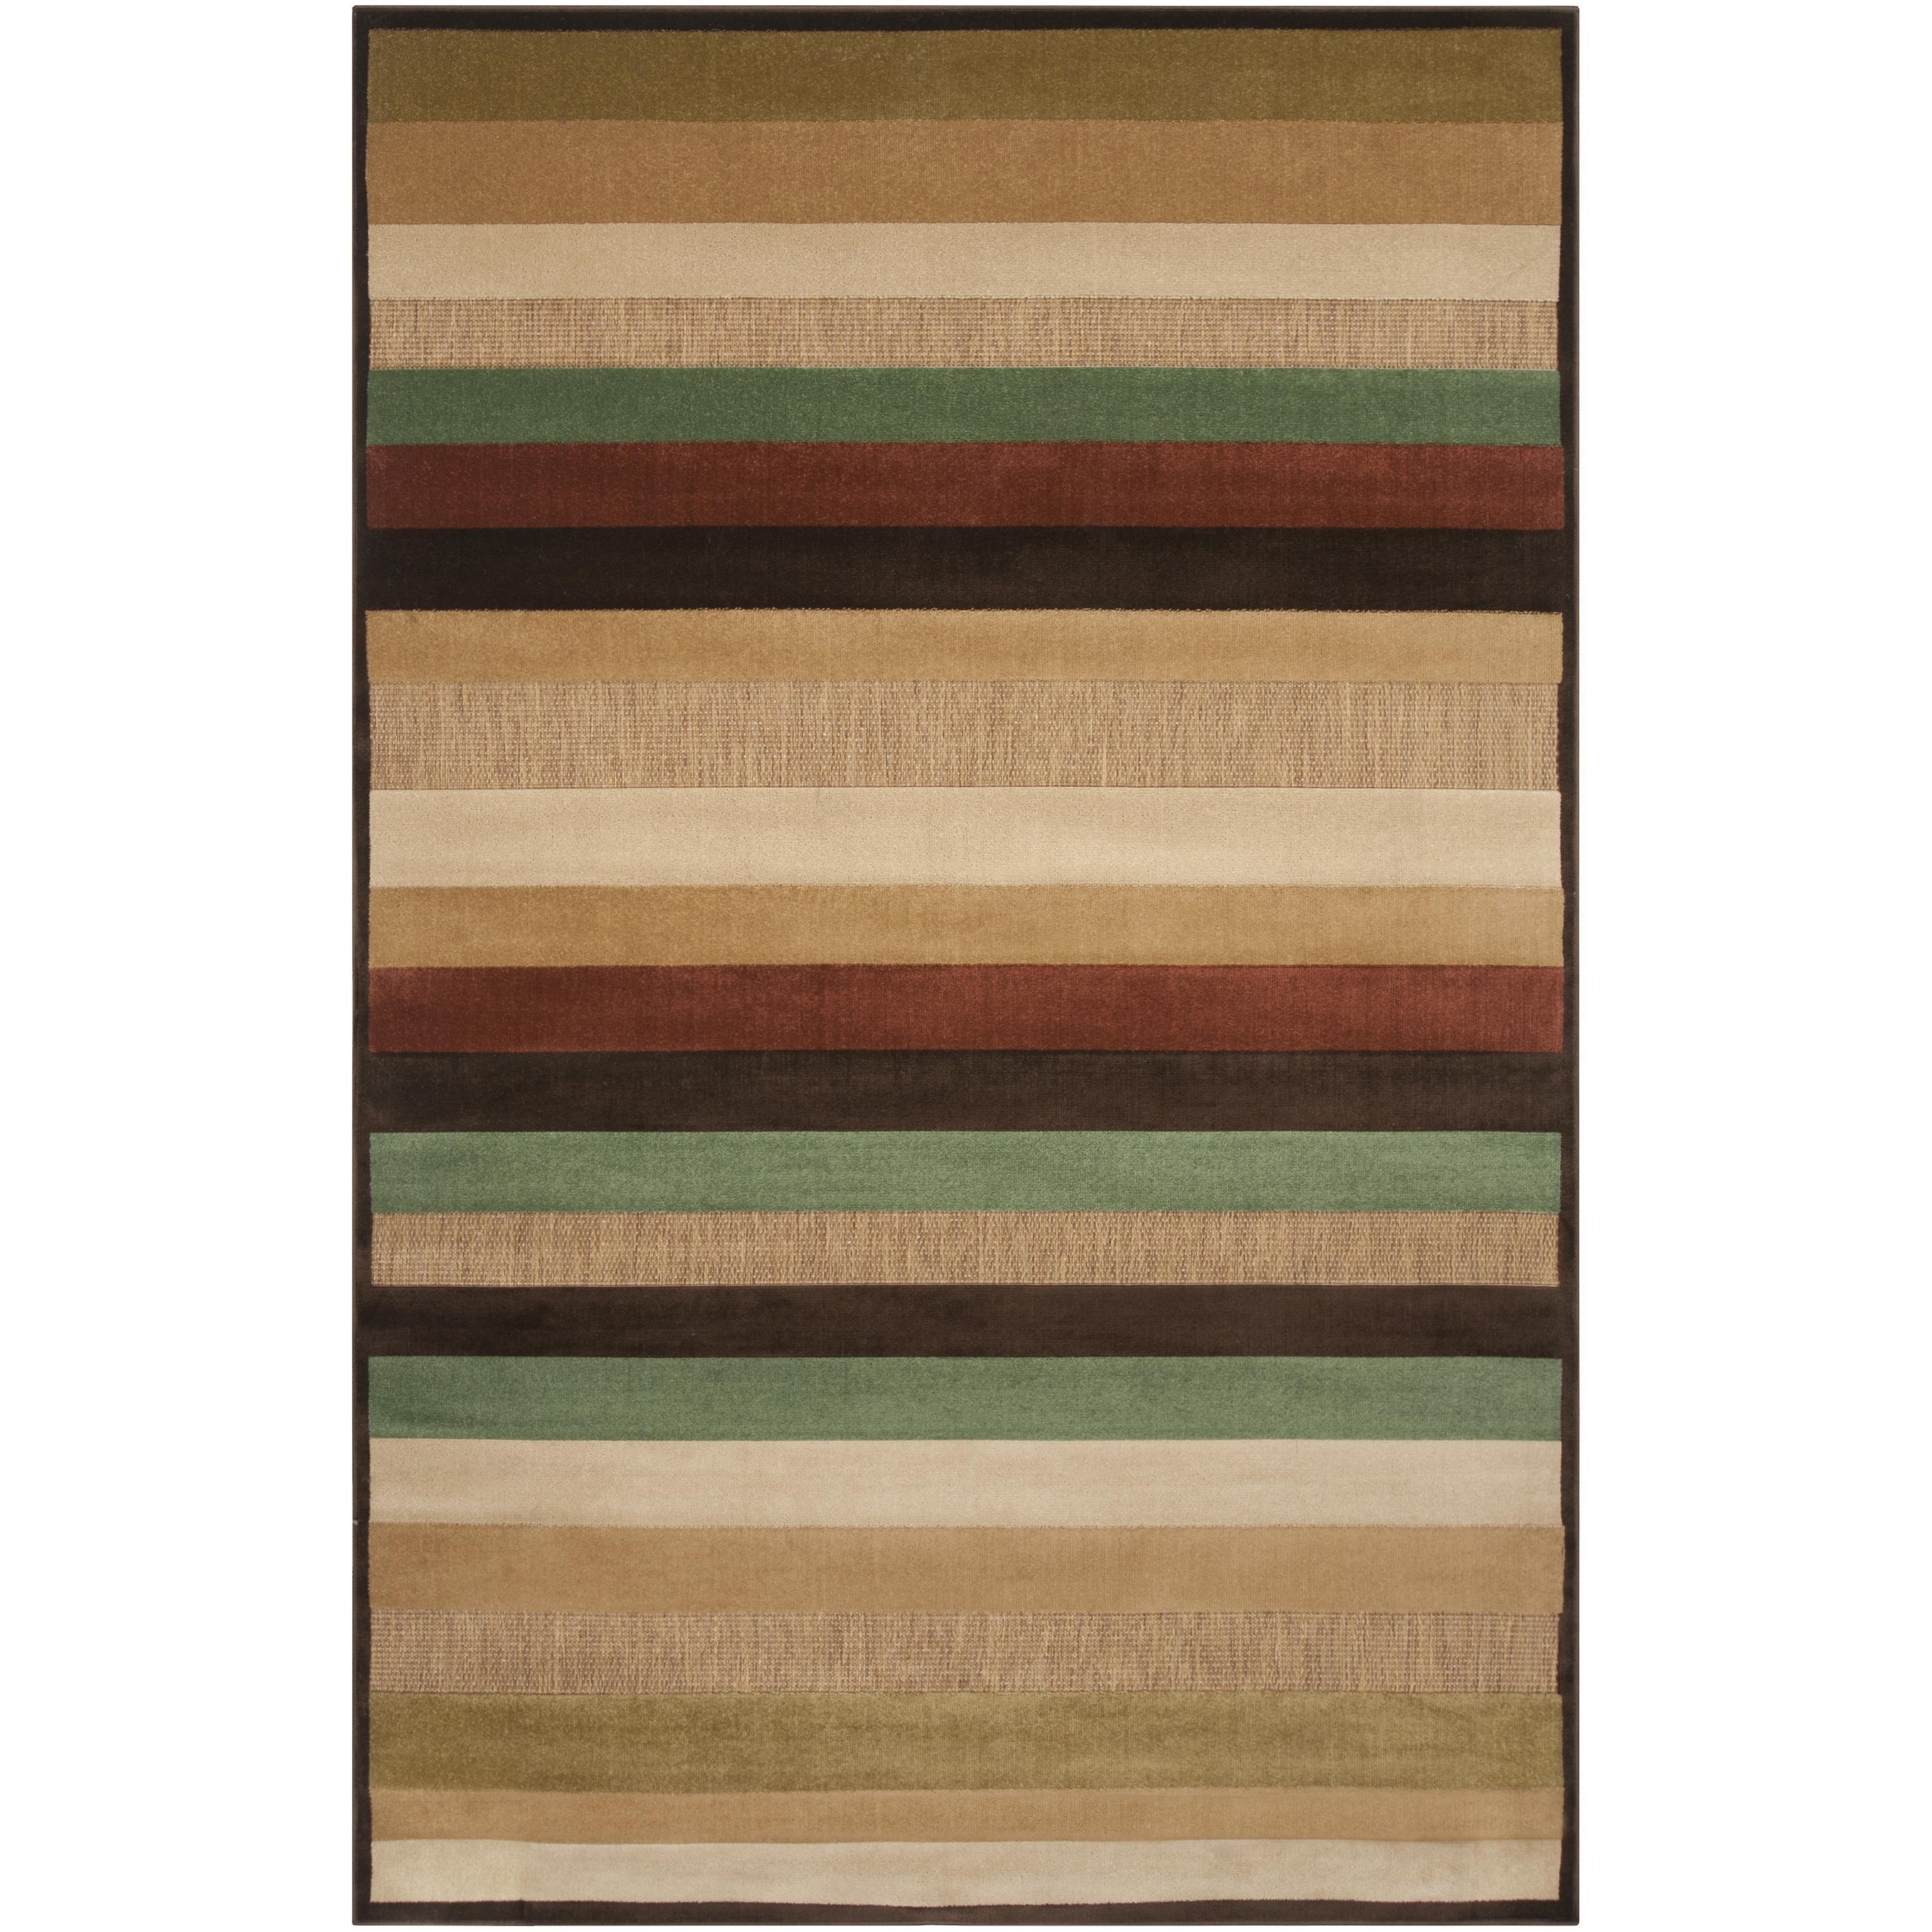 Insten Woven Warm Stripes Indoor/Outdoor Rug (3'9 x 5'8),...